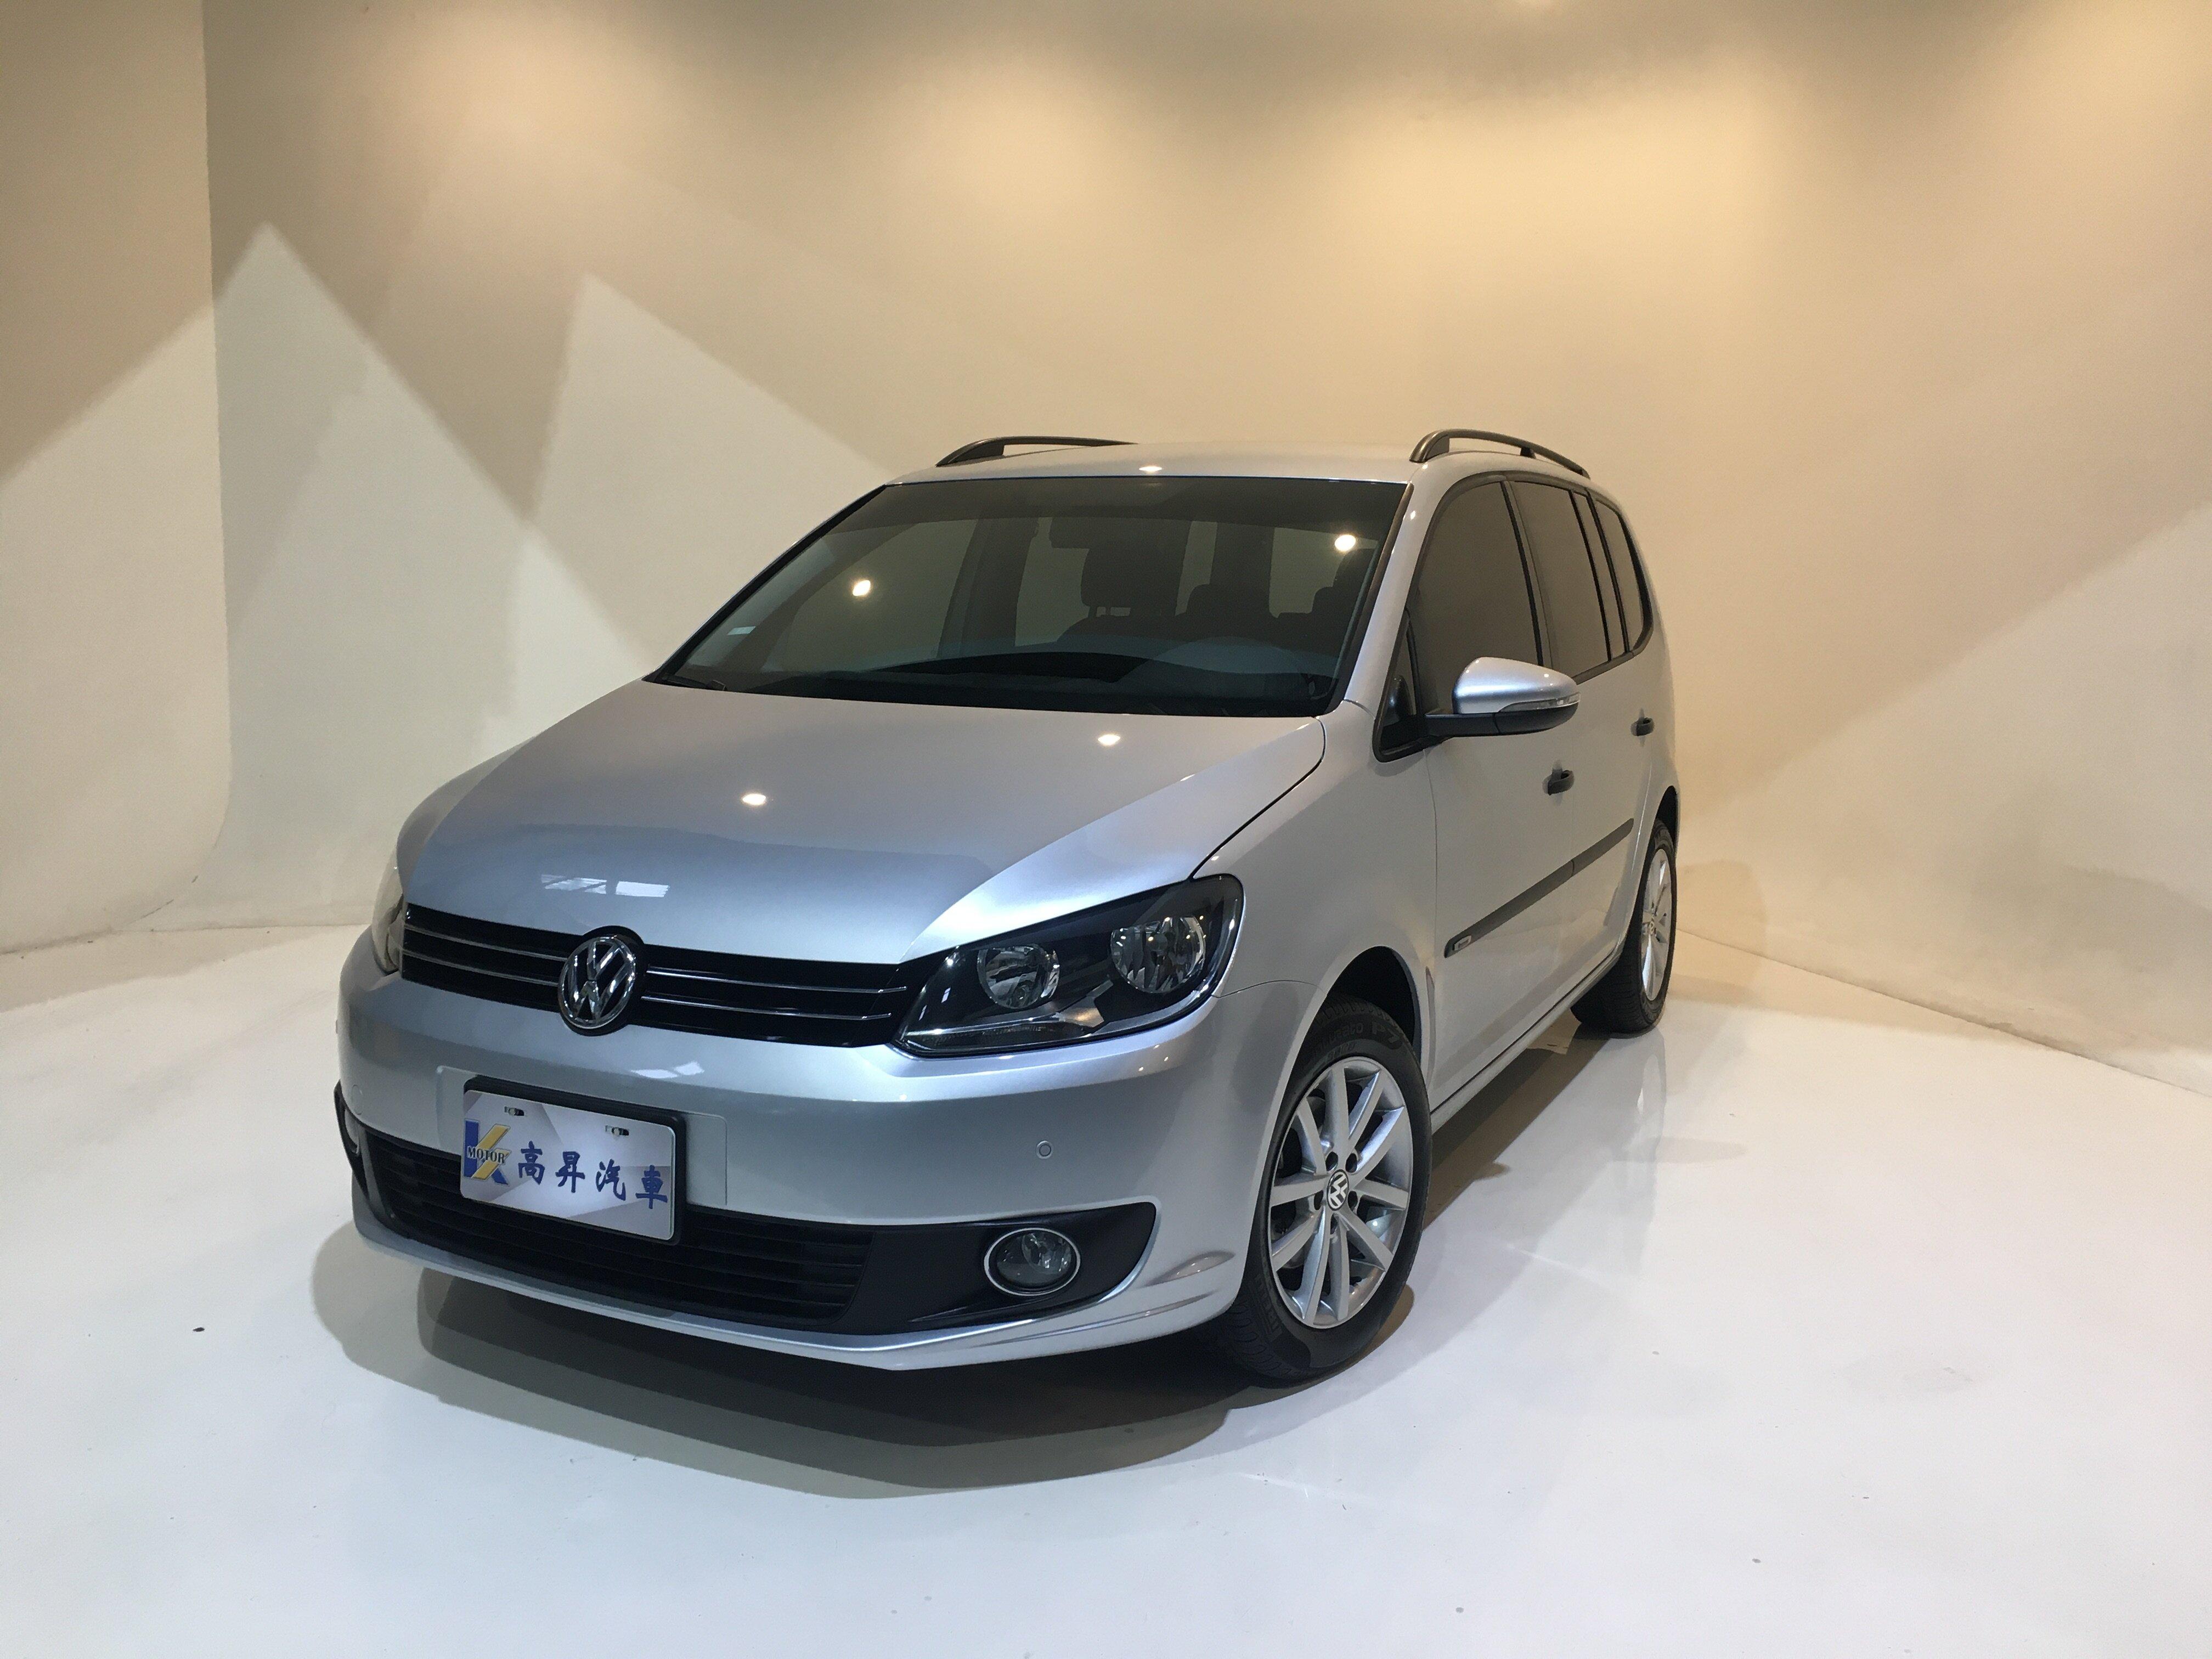 2014 Volkswagen 福斯 Touran